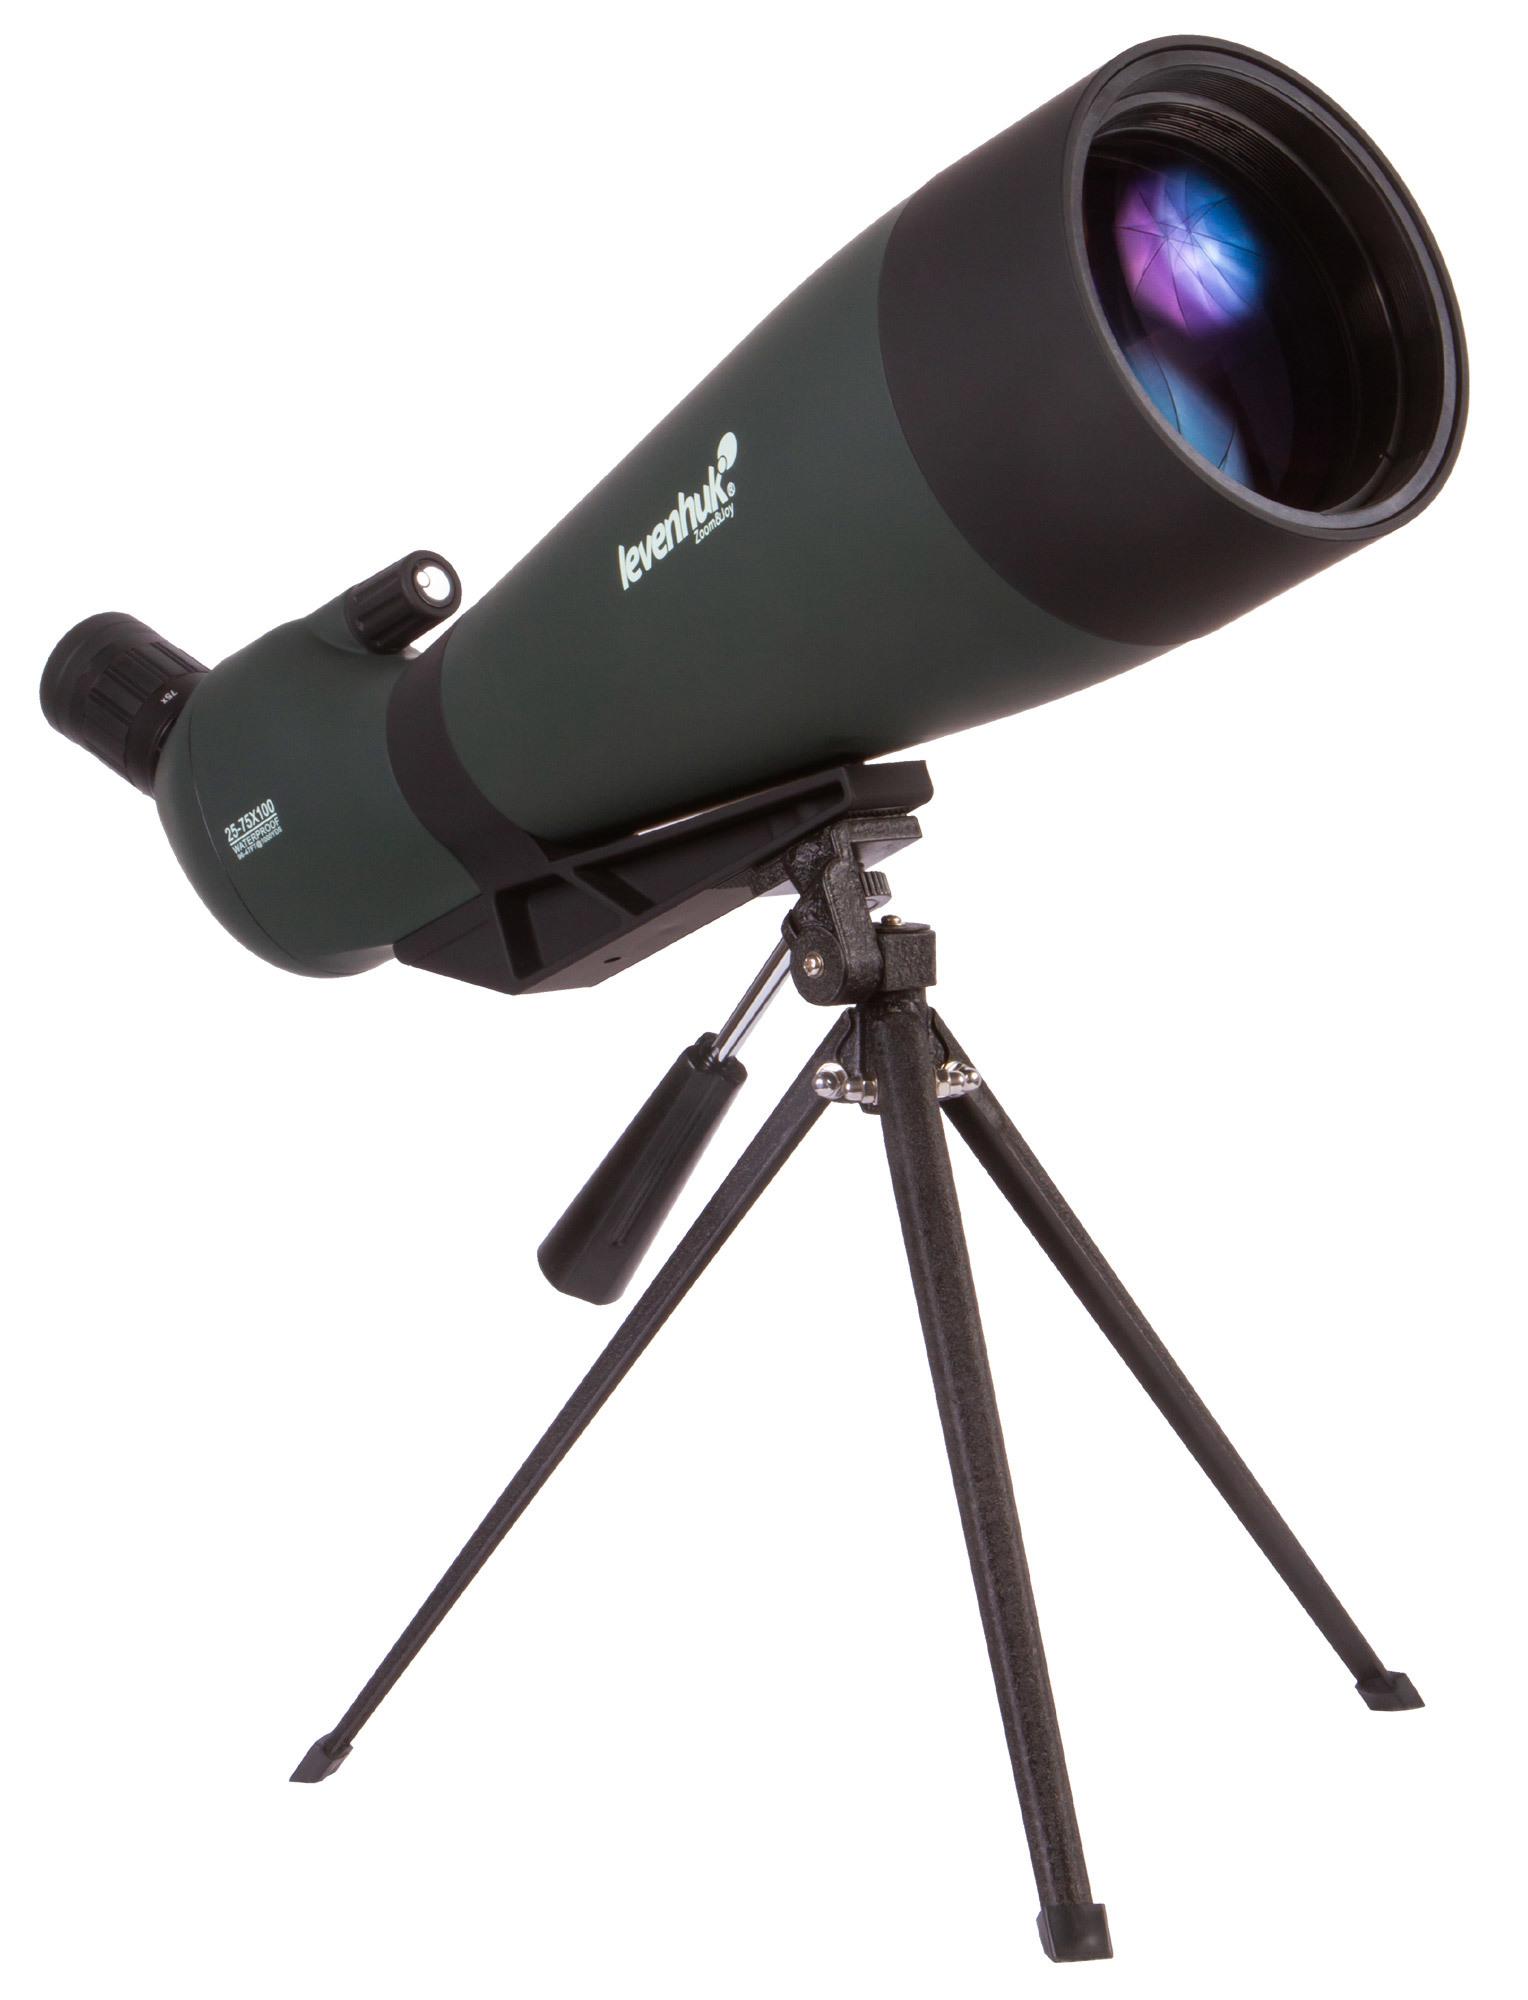 73901_levenhuk-spotting-scope-blaze-base-100_00.jpg